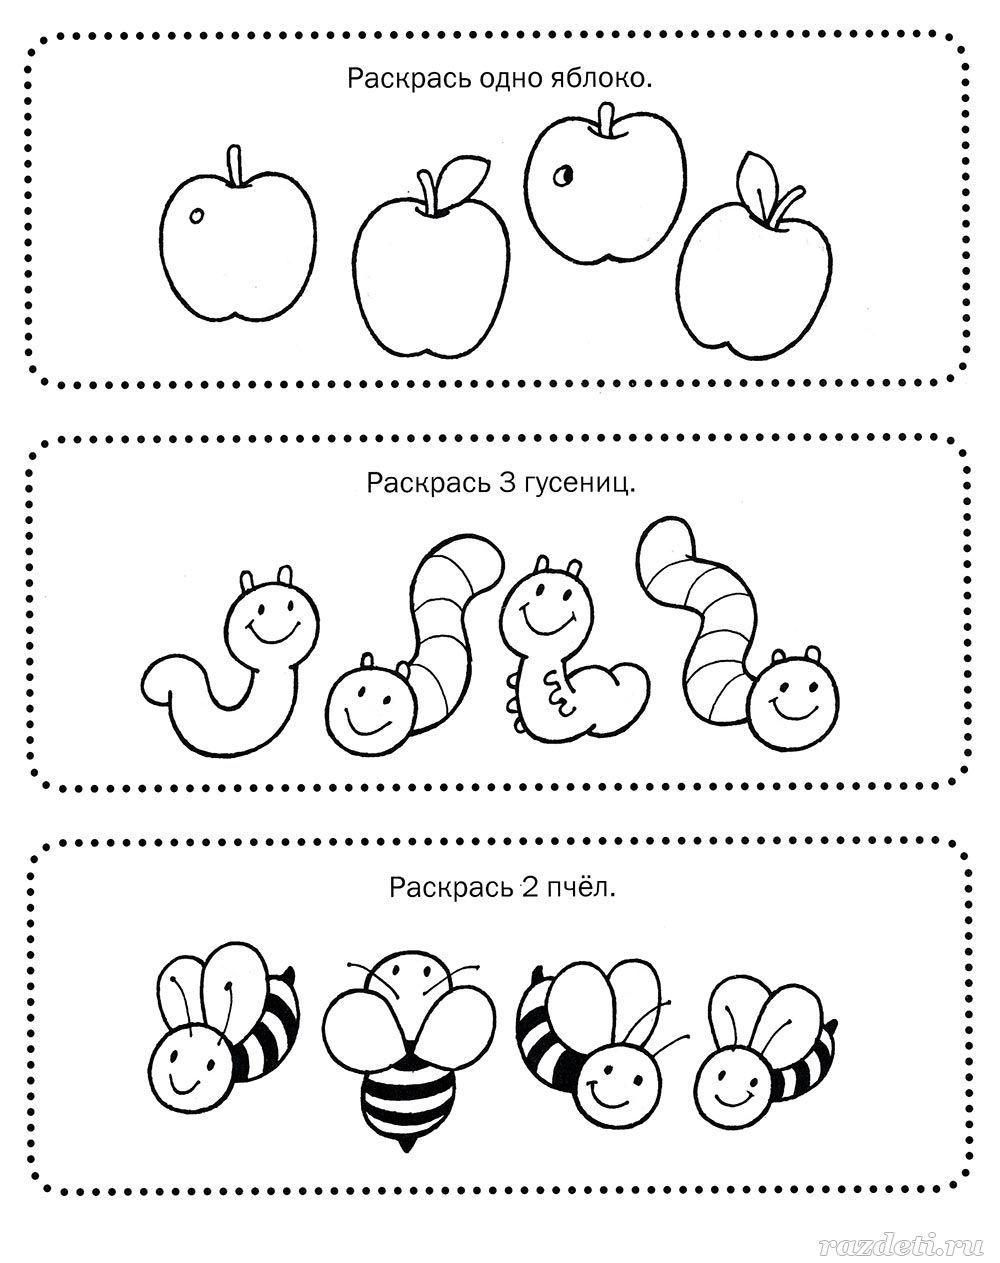 Математическая раскраска для детей 4-6 лет